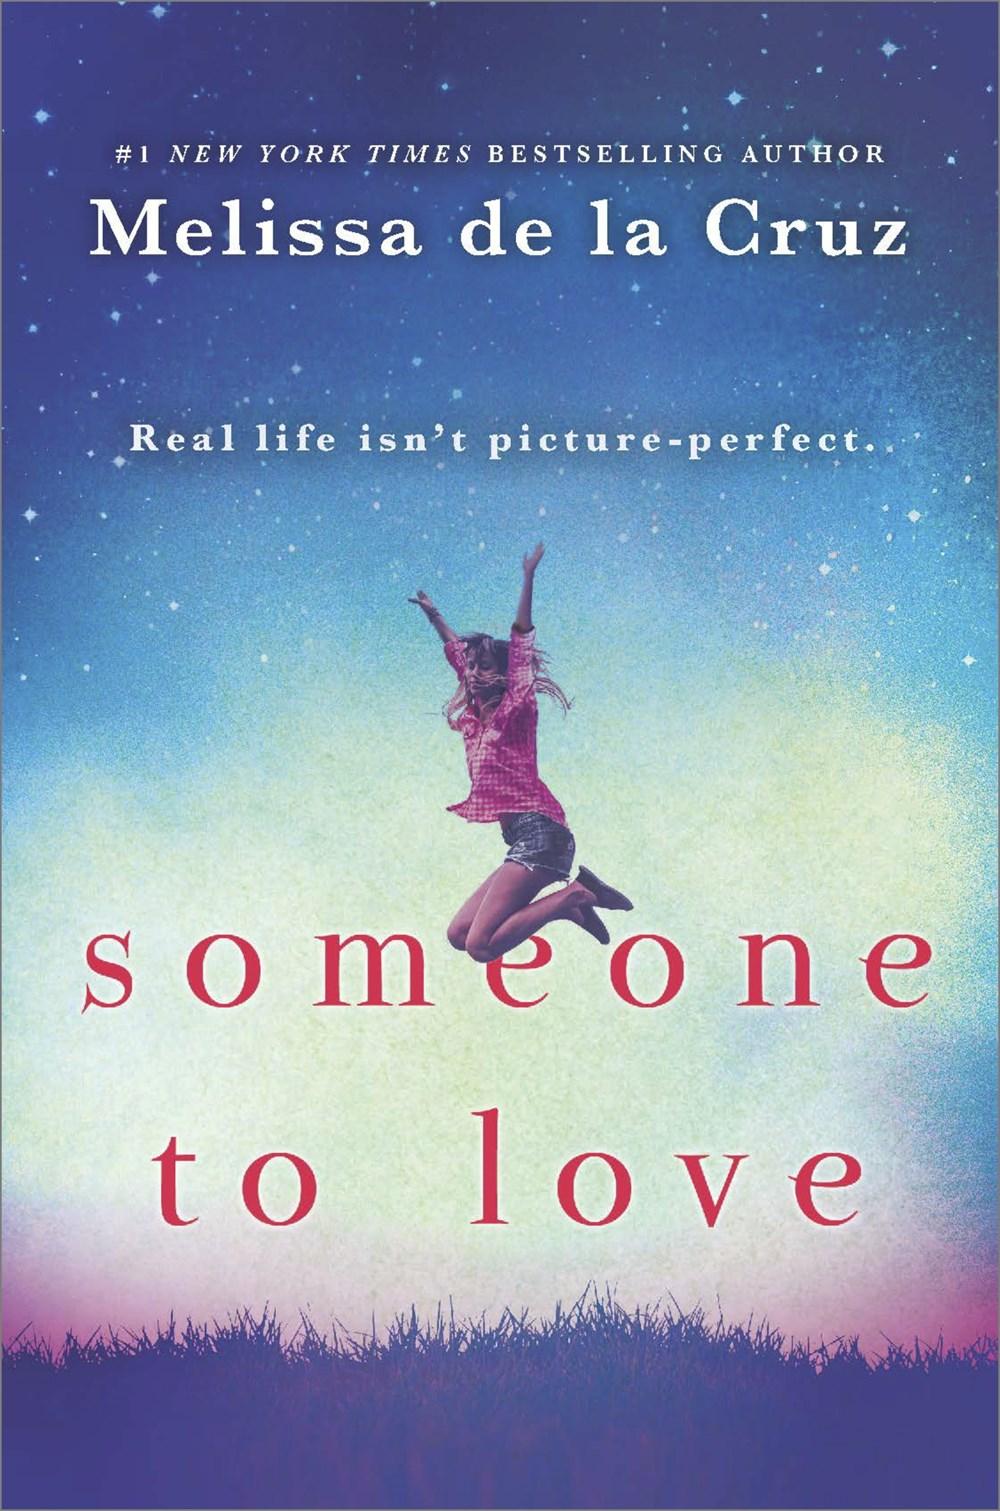 Someone to Love, by Melissa de la Cruz